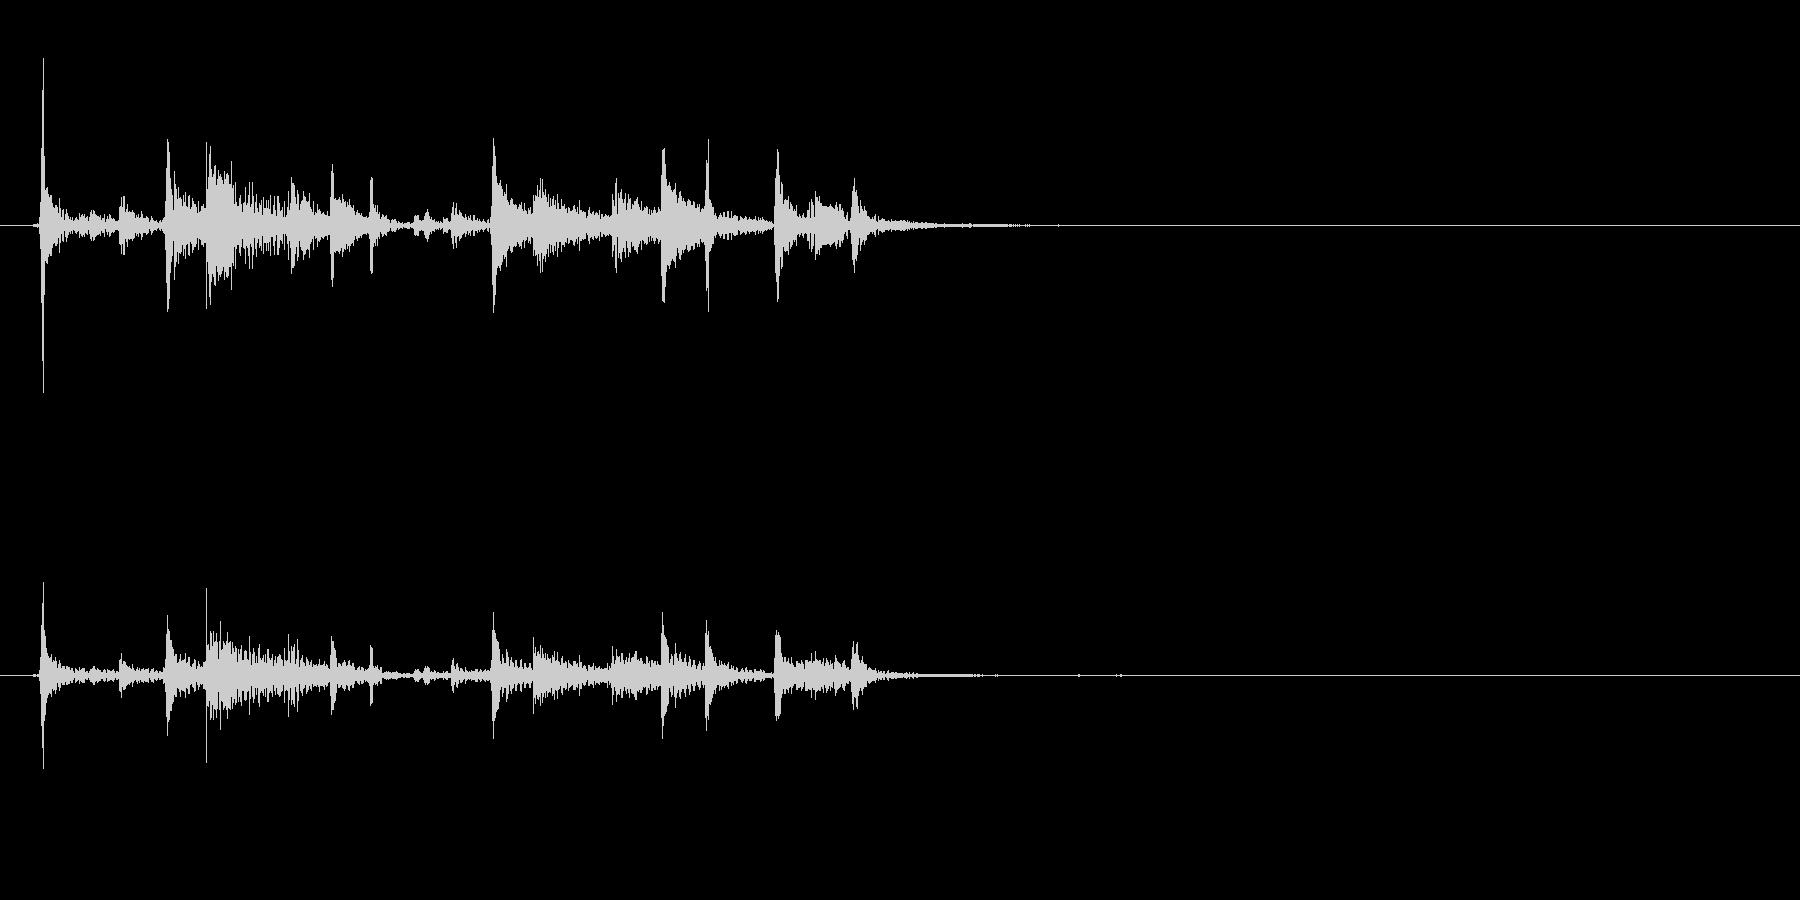 ティンパニリズム、(手つき)オリエ...の未再生の波形